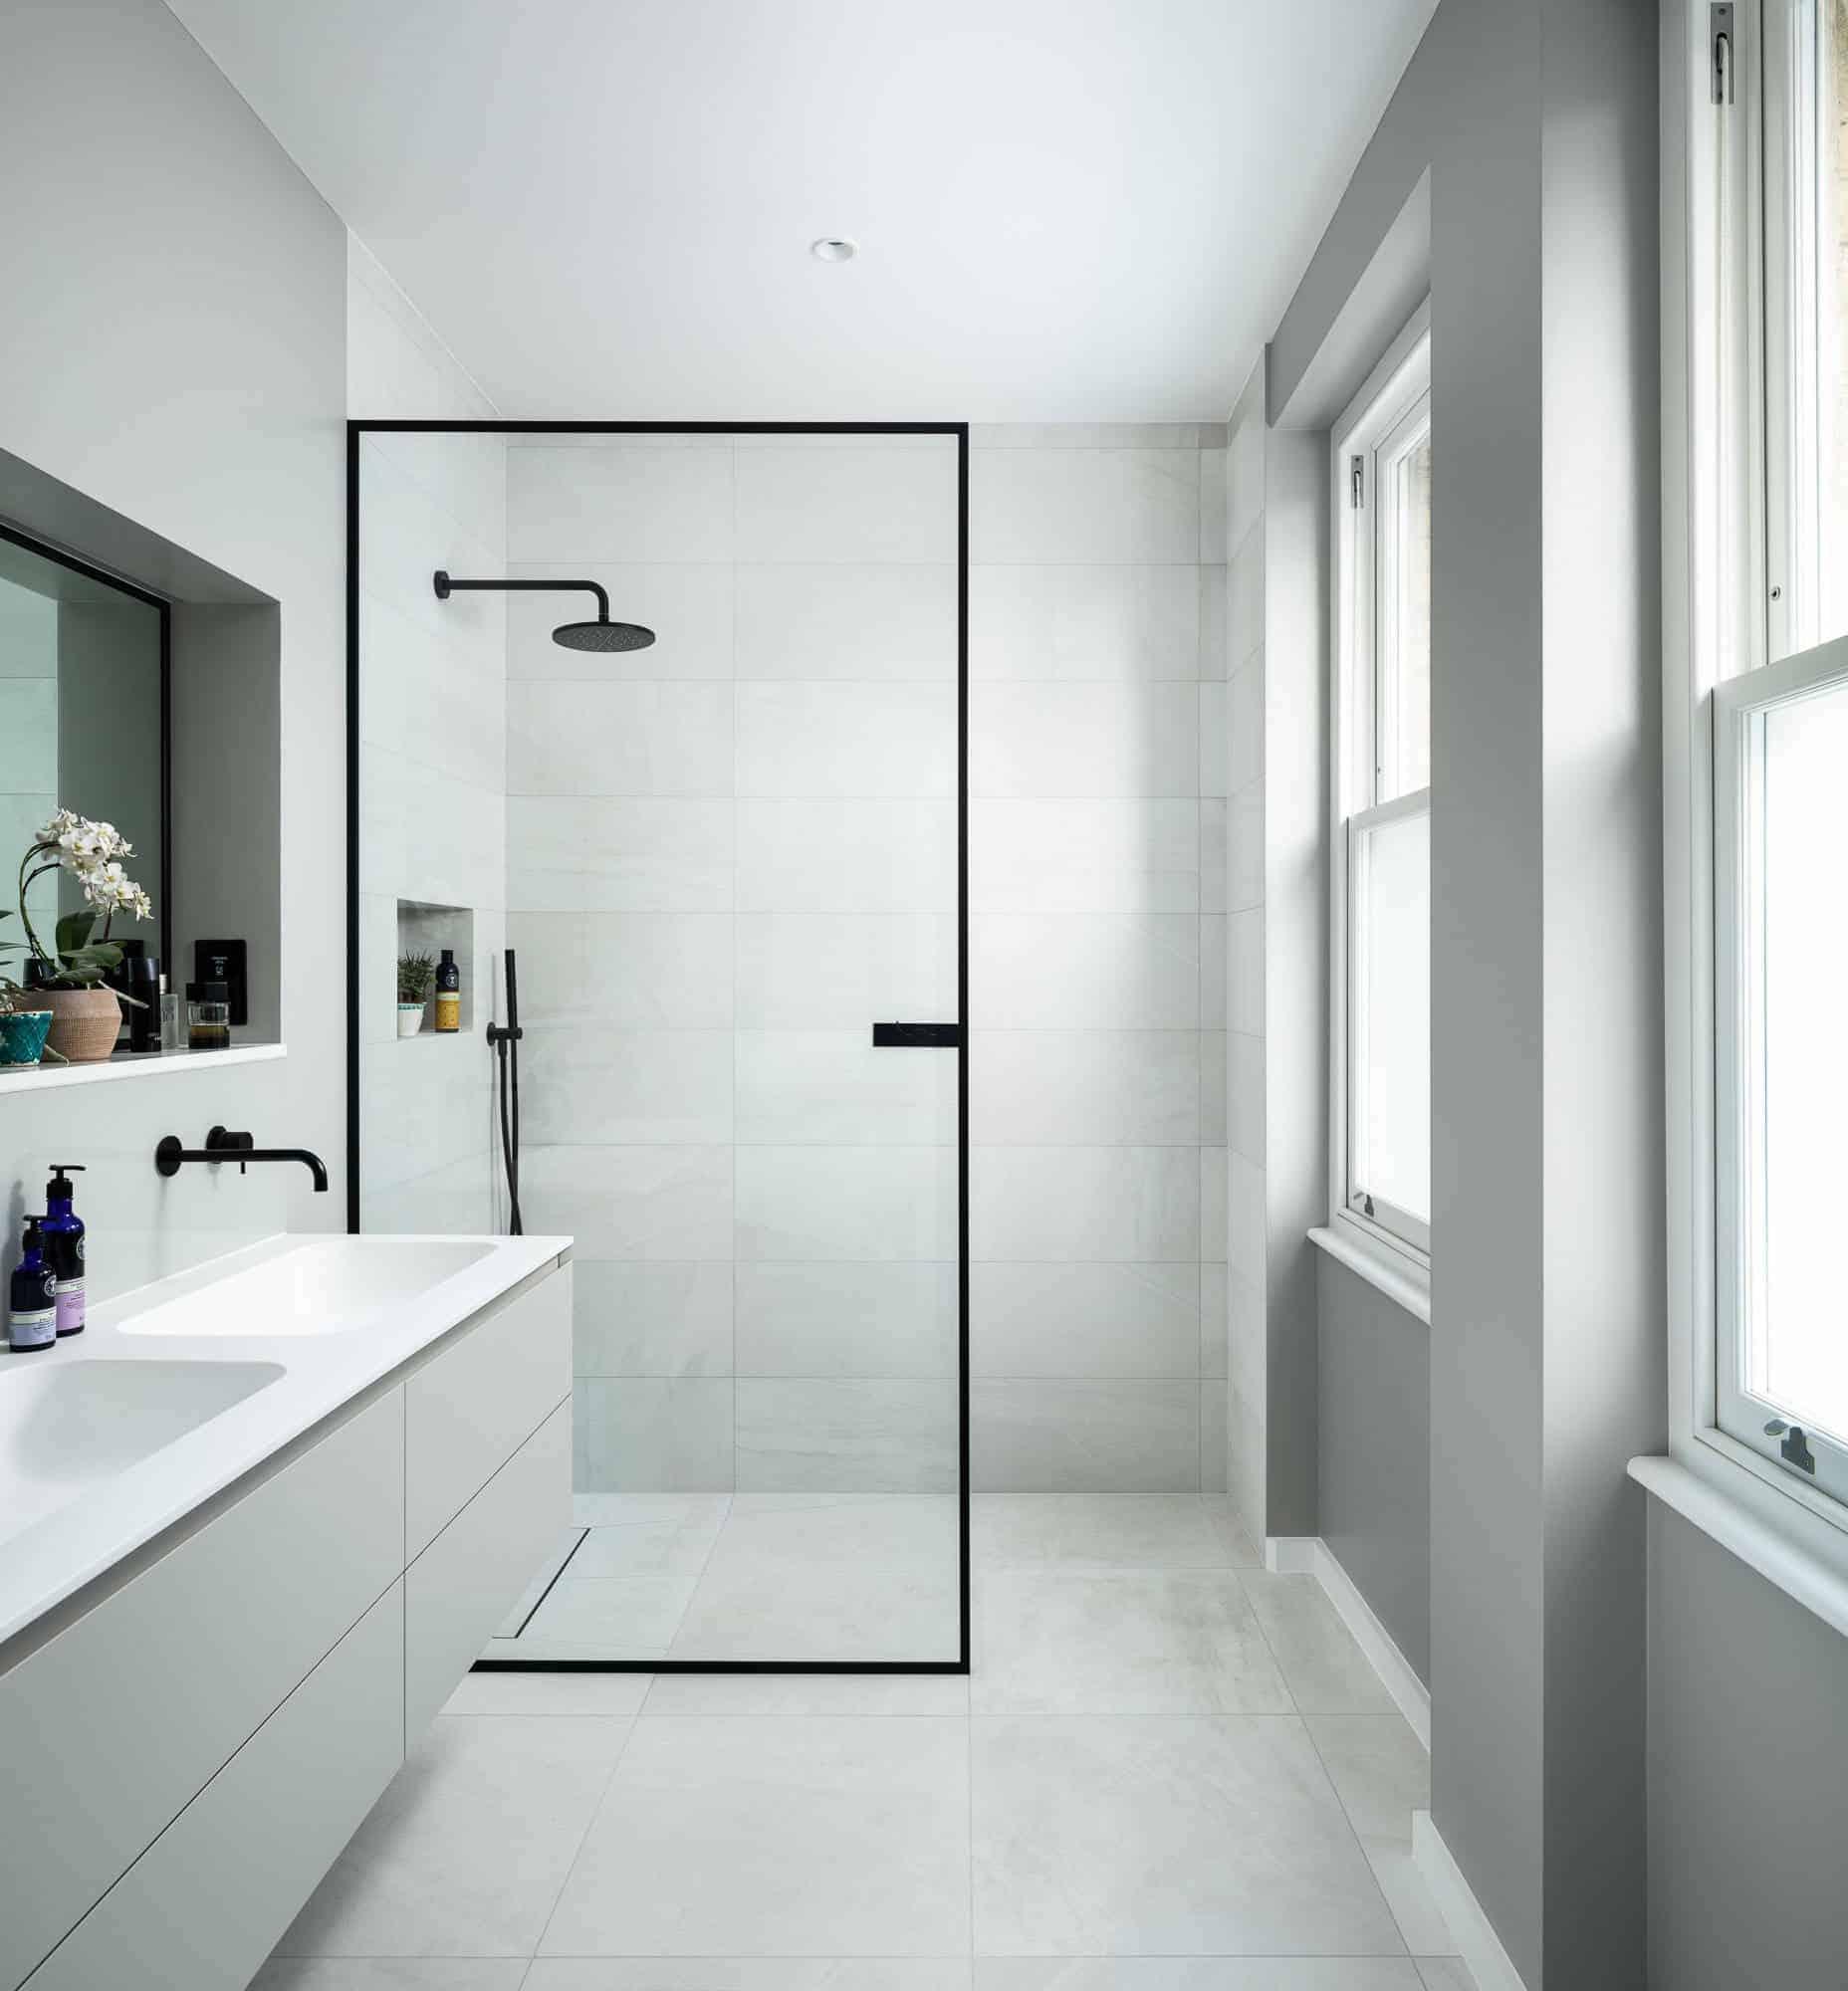 Walk-in Shower With No Doors